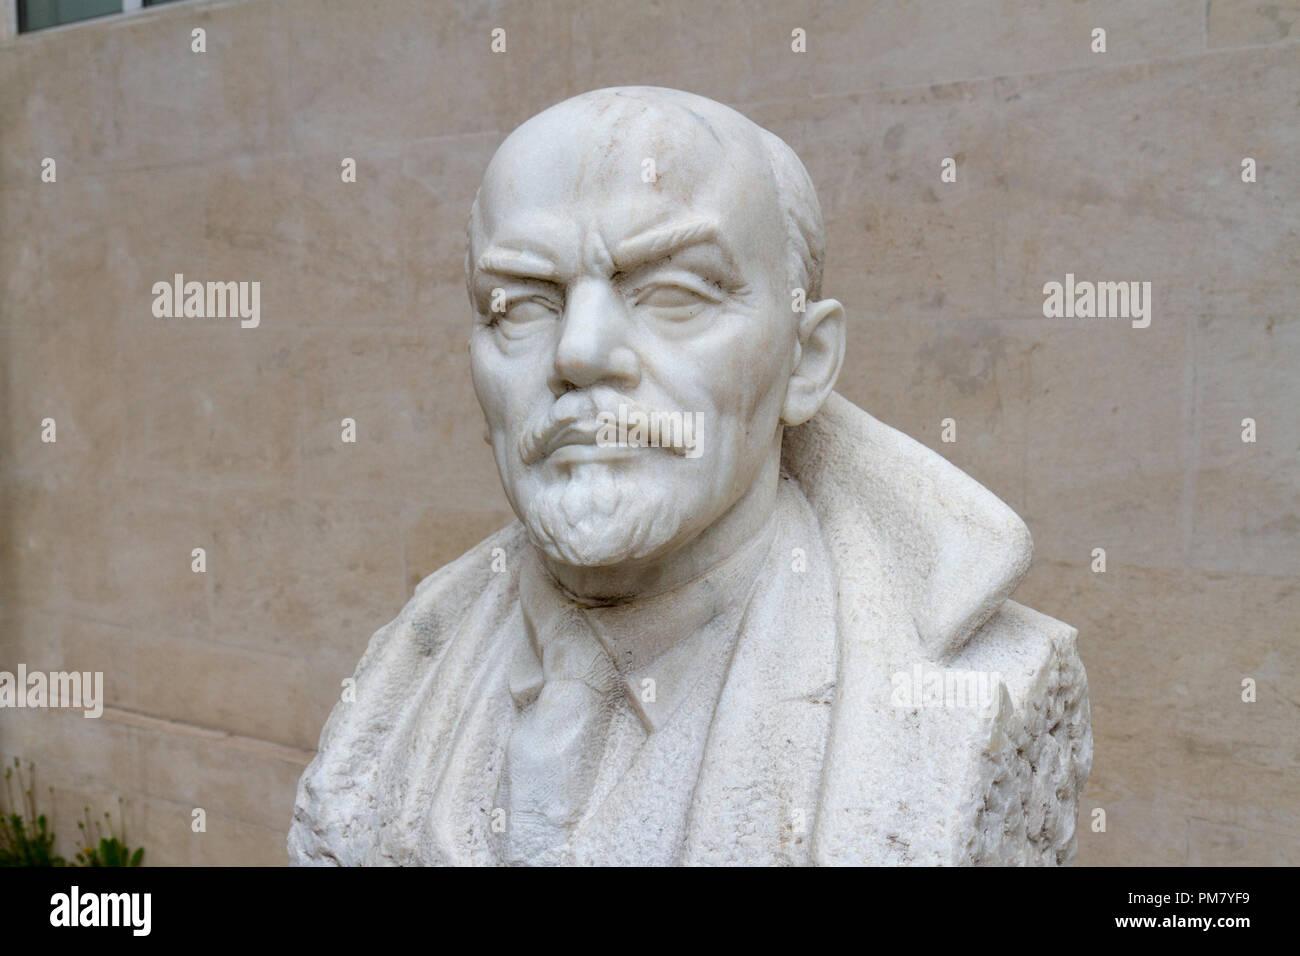 Stein Büste von Lenin durch Stoyu Todorov (1949) im Museum der Sozialistischen Kunst outdoor Sculpture Garden, Sofia, Bulgarien. Stockfoto